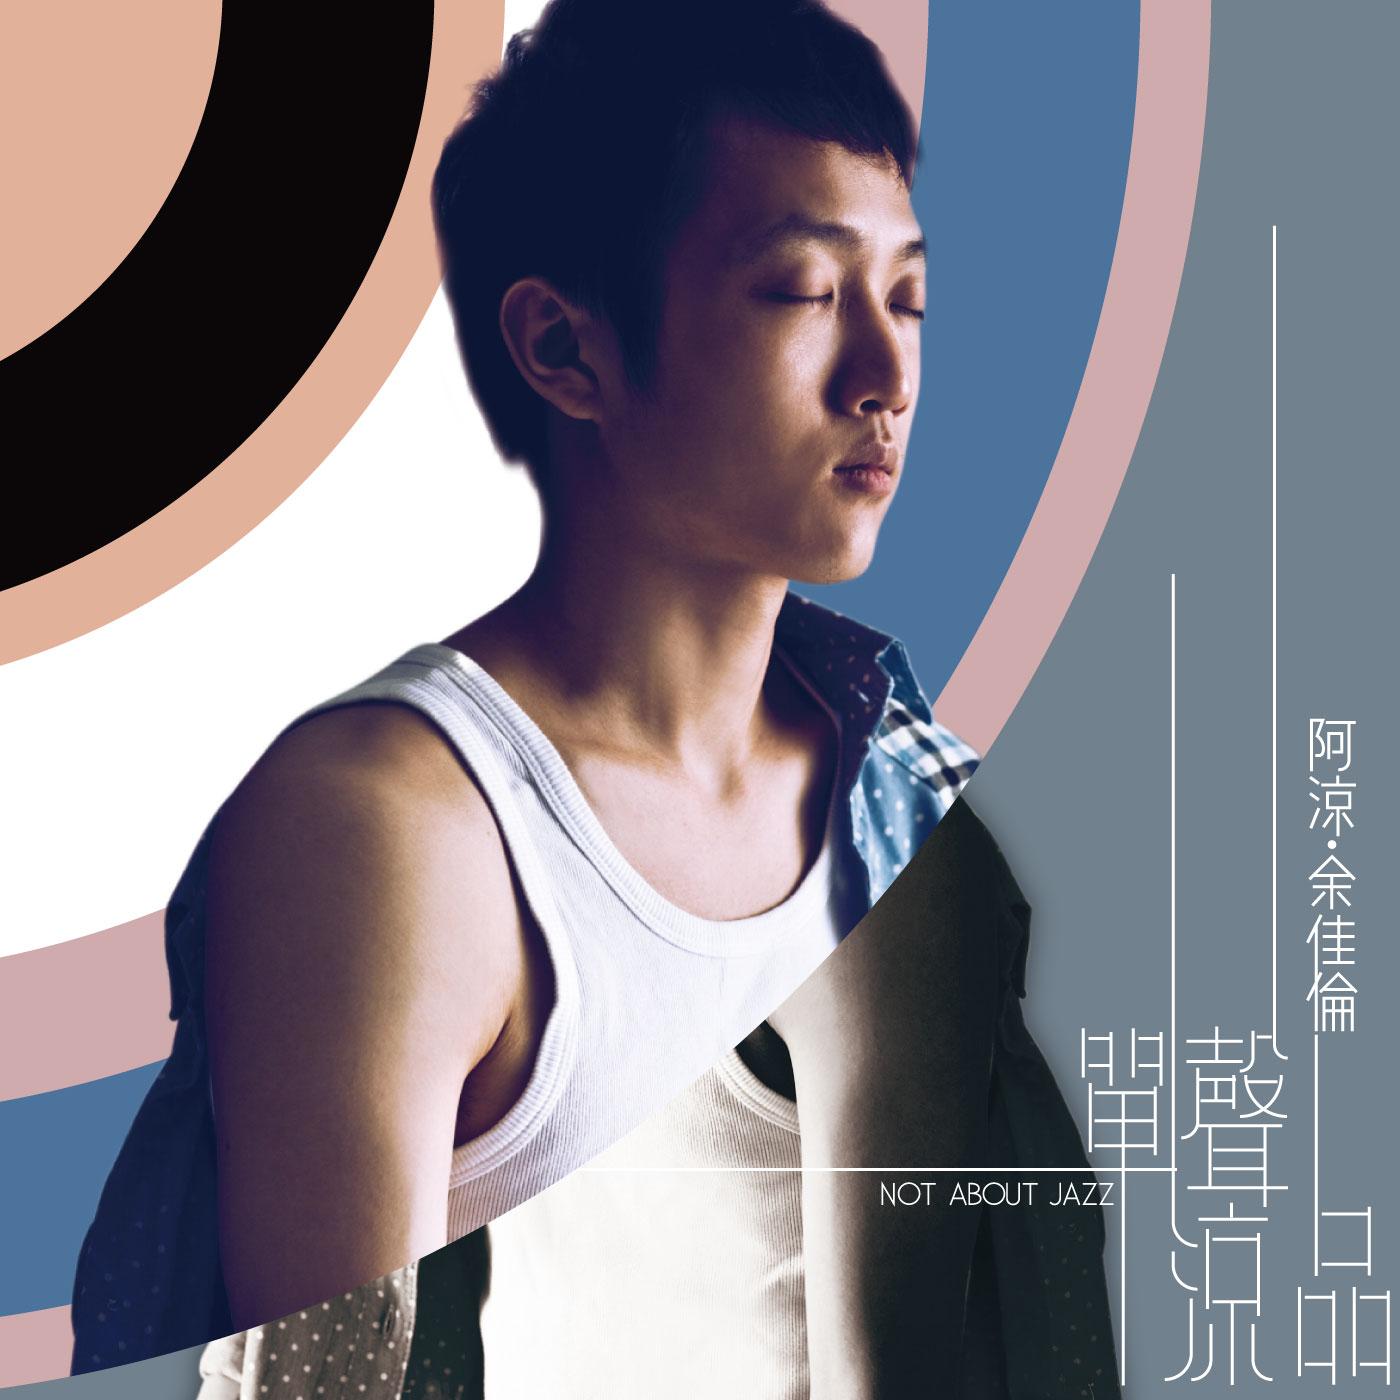 """阿涼.余佳倫  (A-Len Yue)  首張專輯""""單聲涼品""""(Not About Jazz)"""